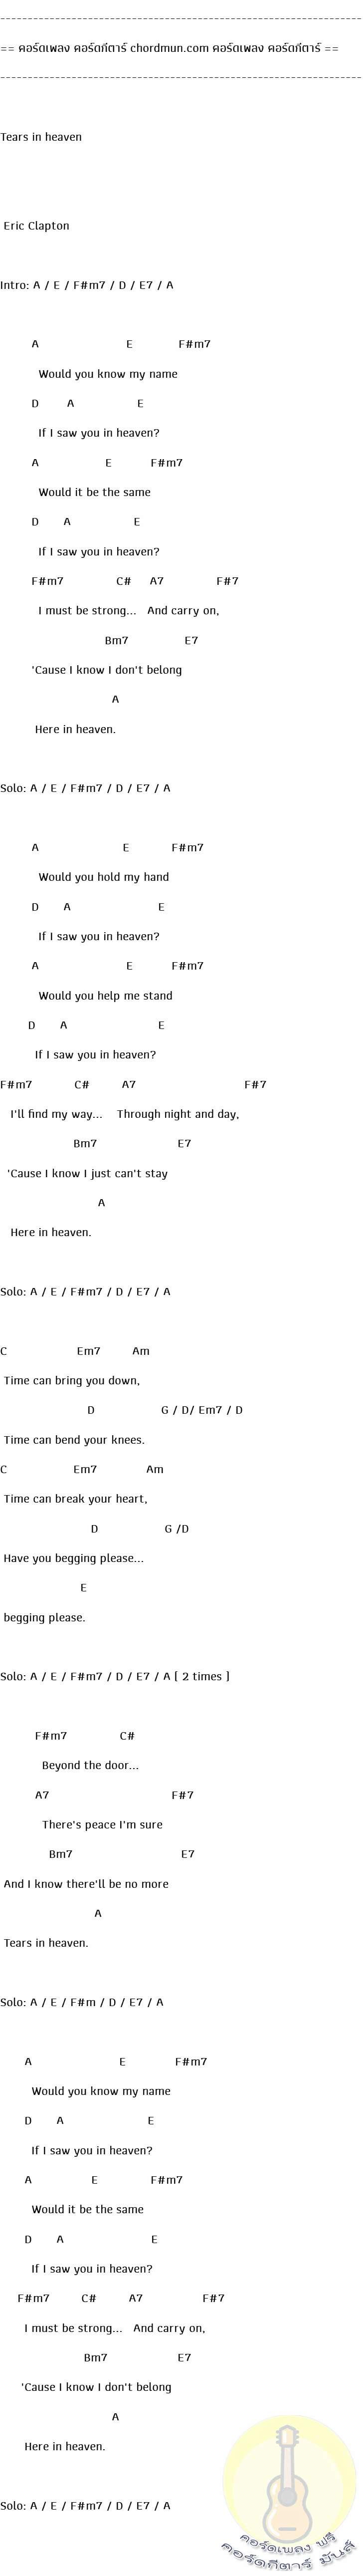 คอร์ดกีตาร์พื้นฐาน  เพลง Tears in heaven